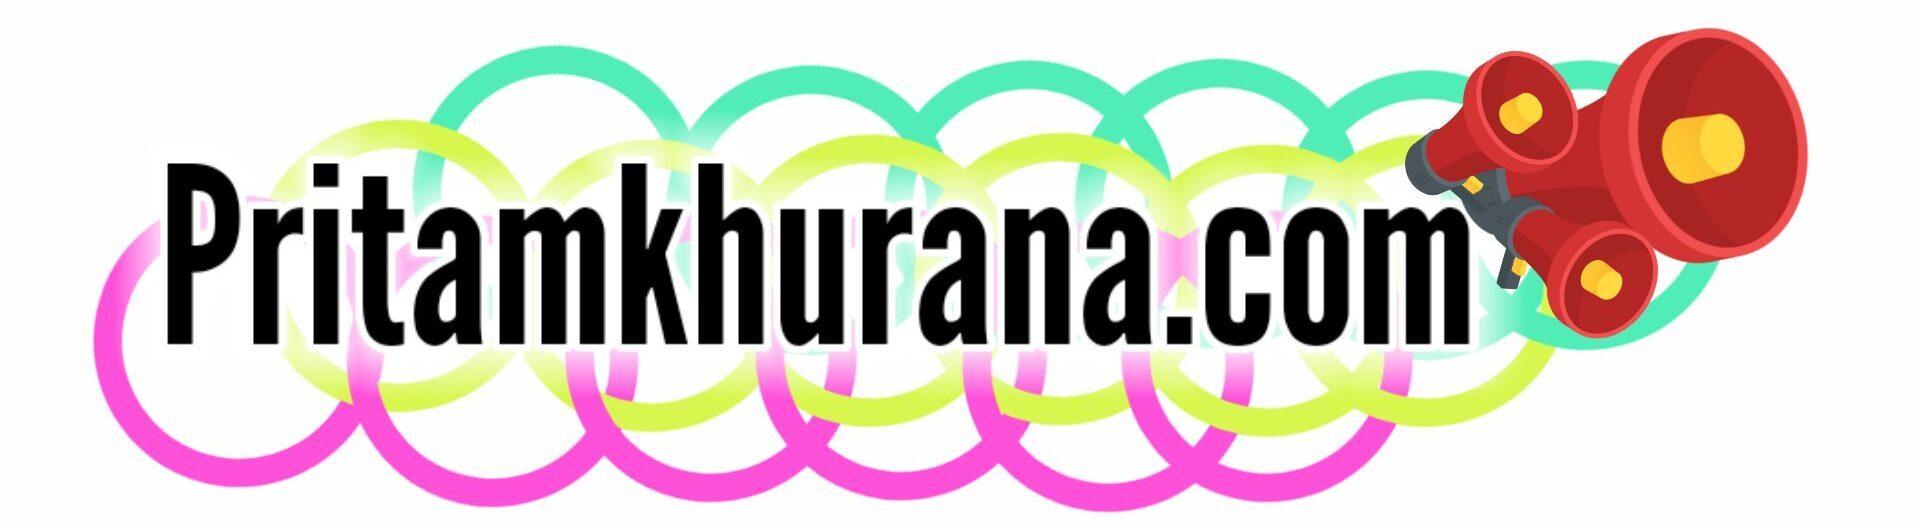 pritamkhurana.com